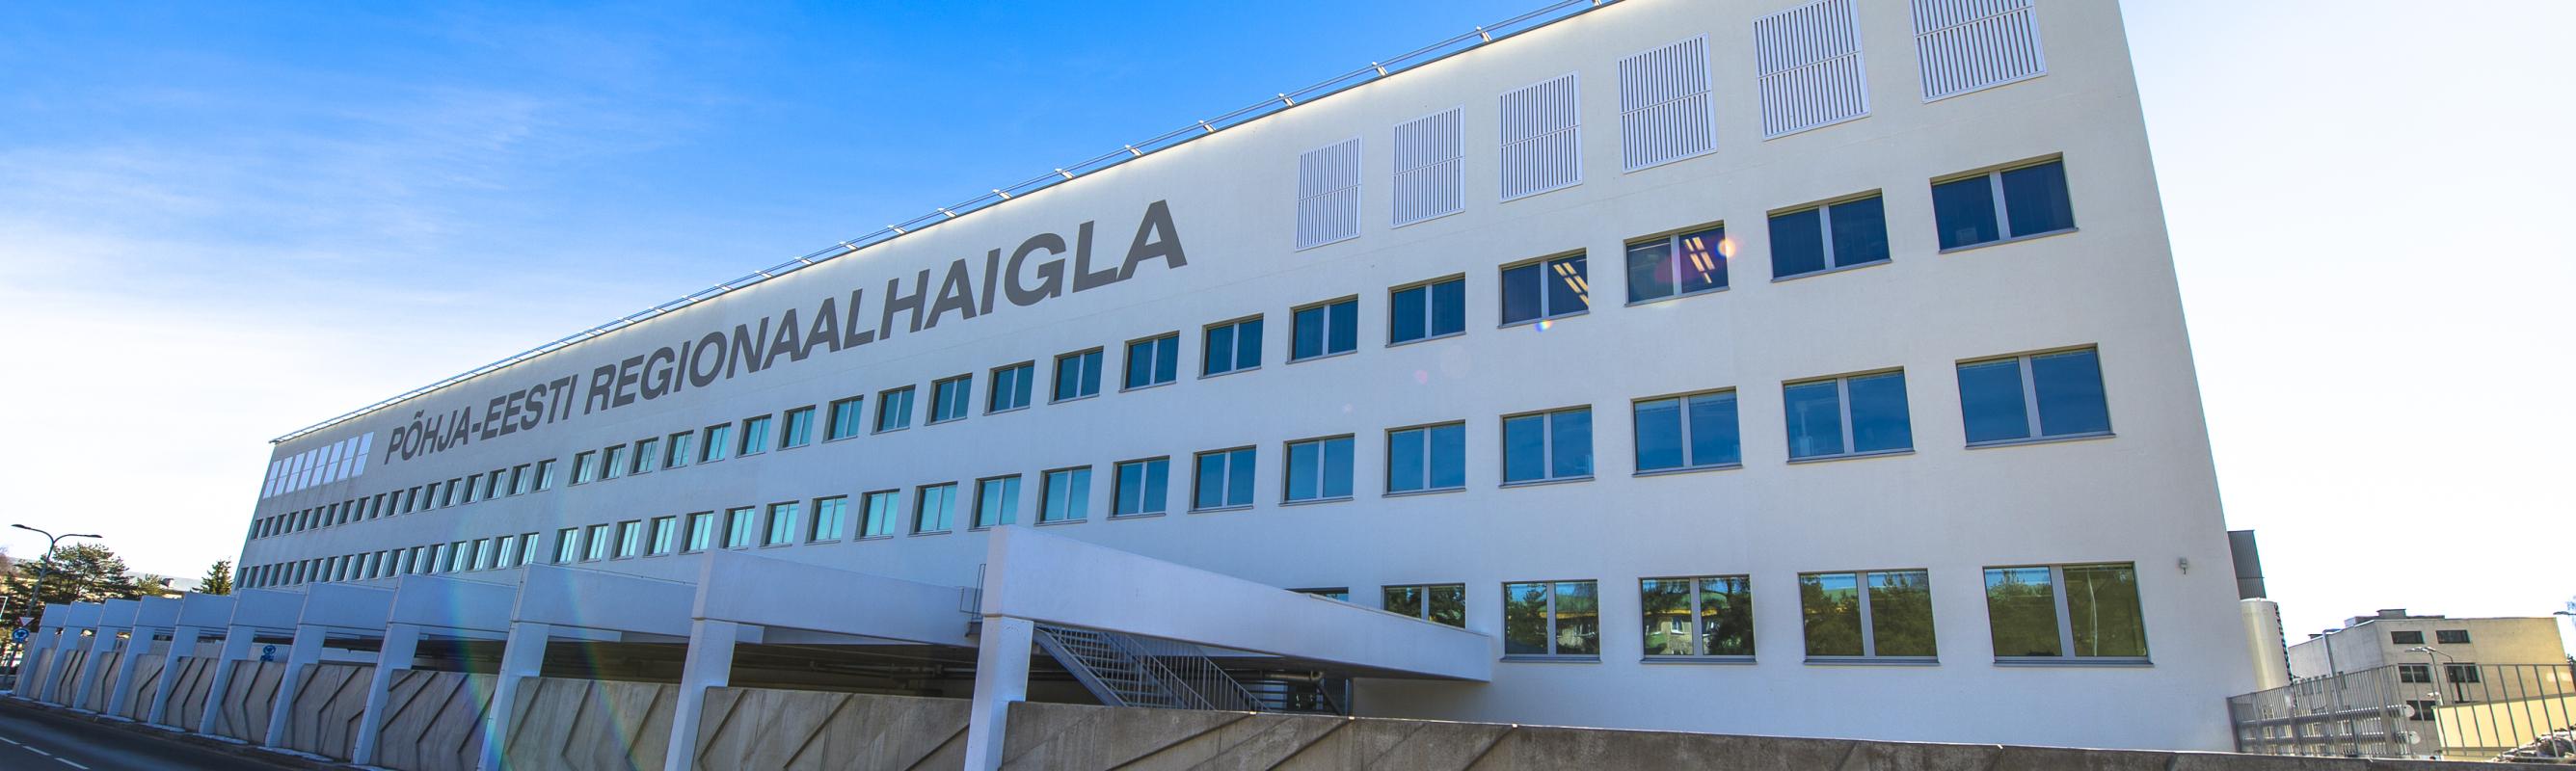 Крупнейший в Эстонии кардиологический центр с кардиохирургией и инвазивной кардиологией